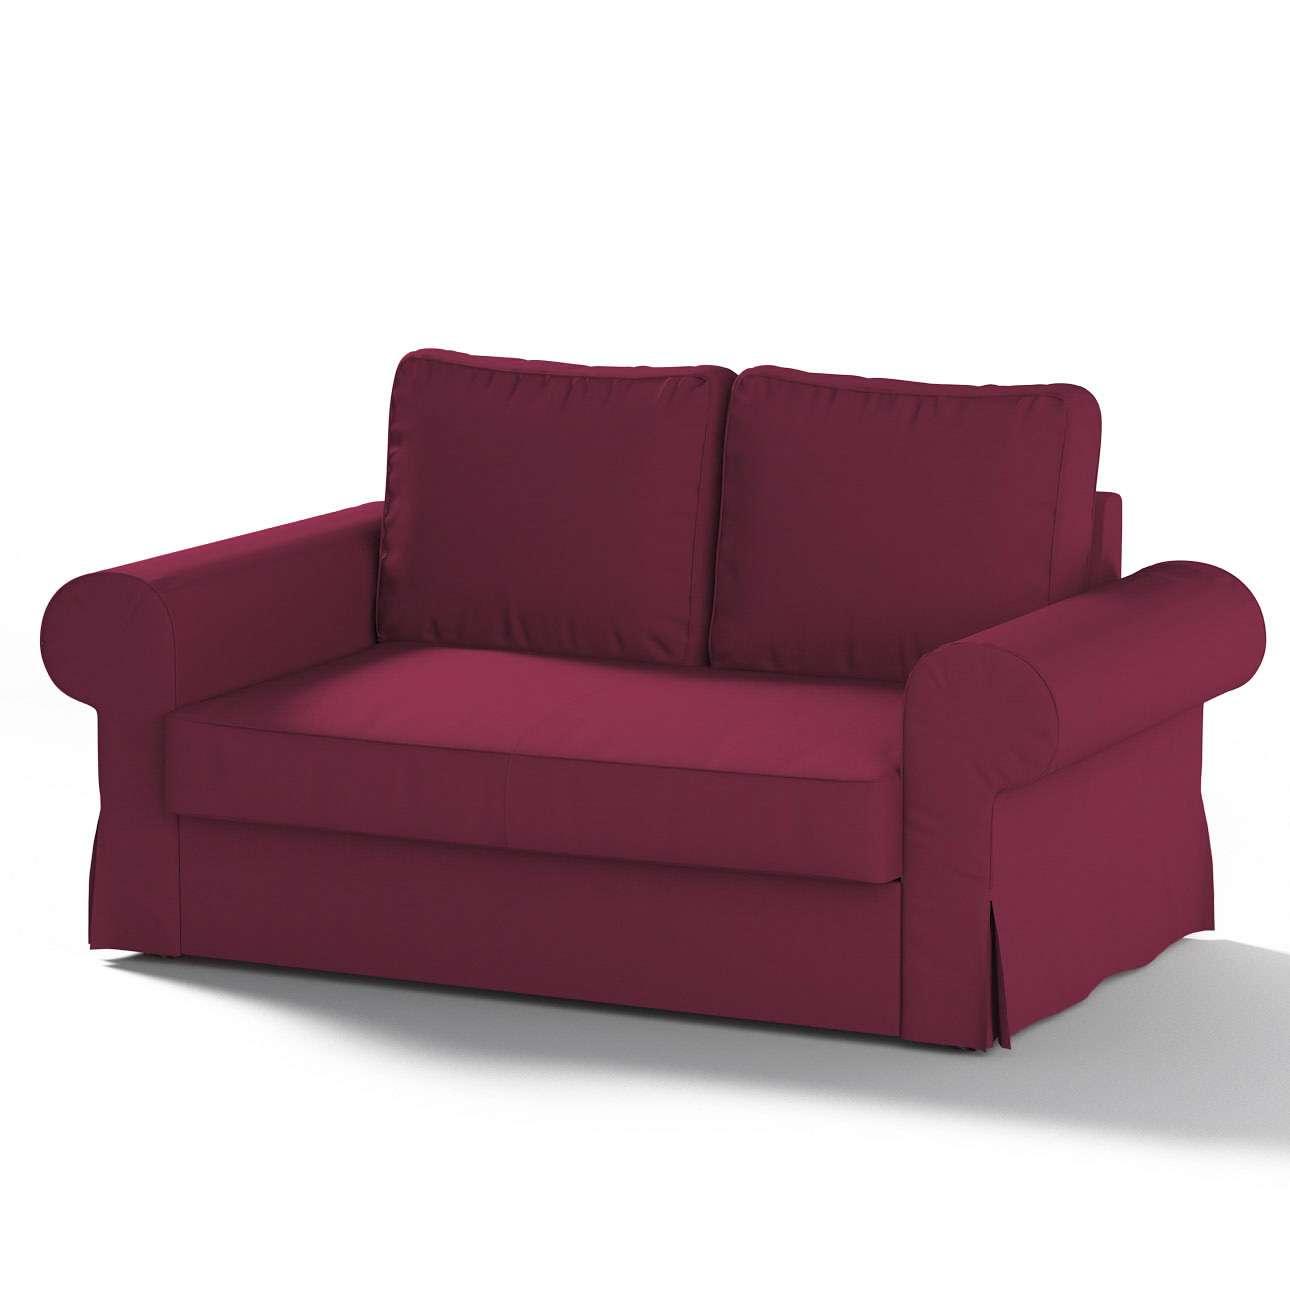 Pokrowiec na sofę Backabro 2-osobową rozkładaną w kolekcji Cotton Panama, tkanina: 702-32